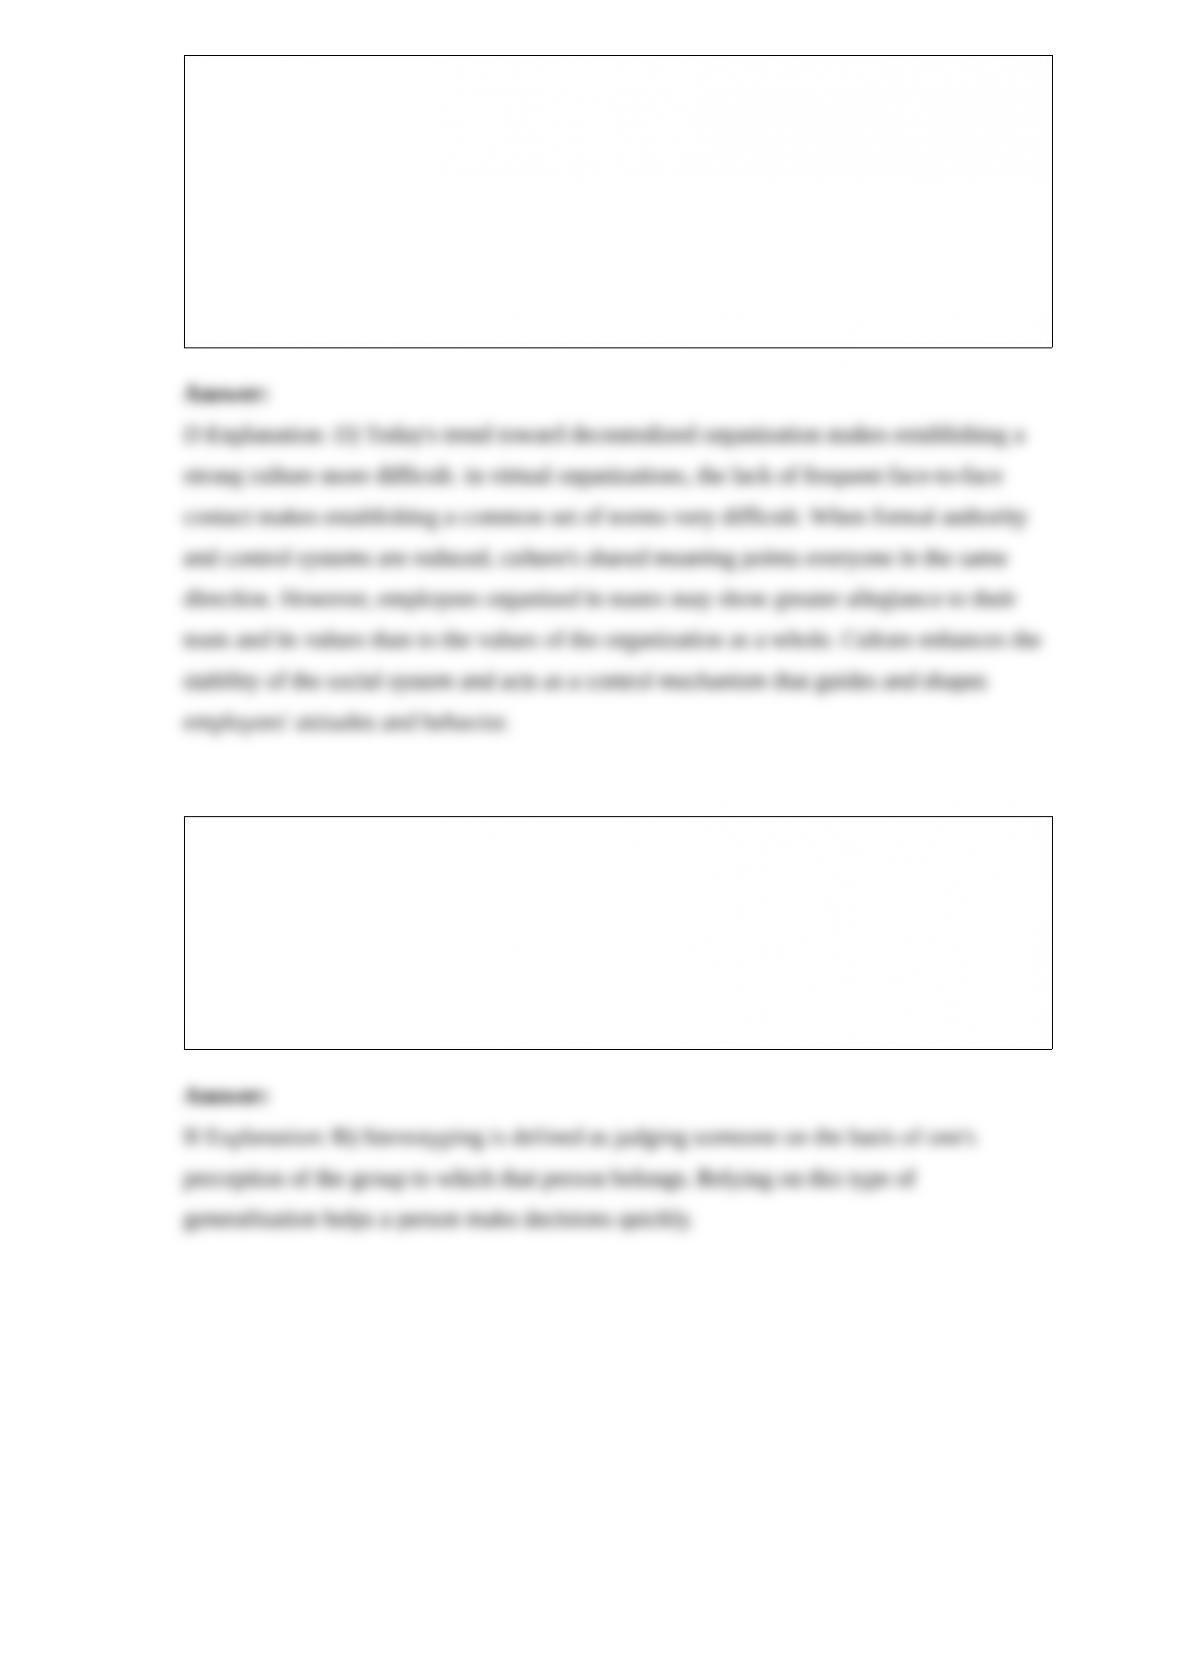 MGT 371 Final | Get 24/7 Homework Help | Online Study ...